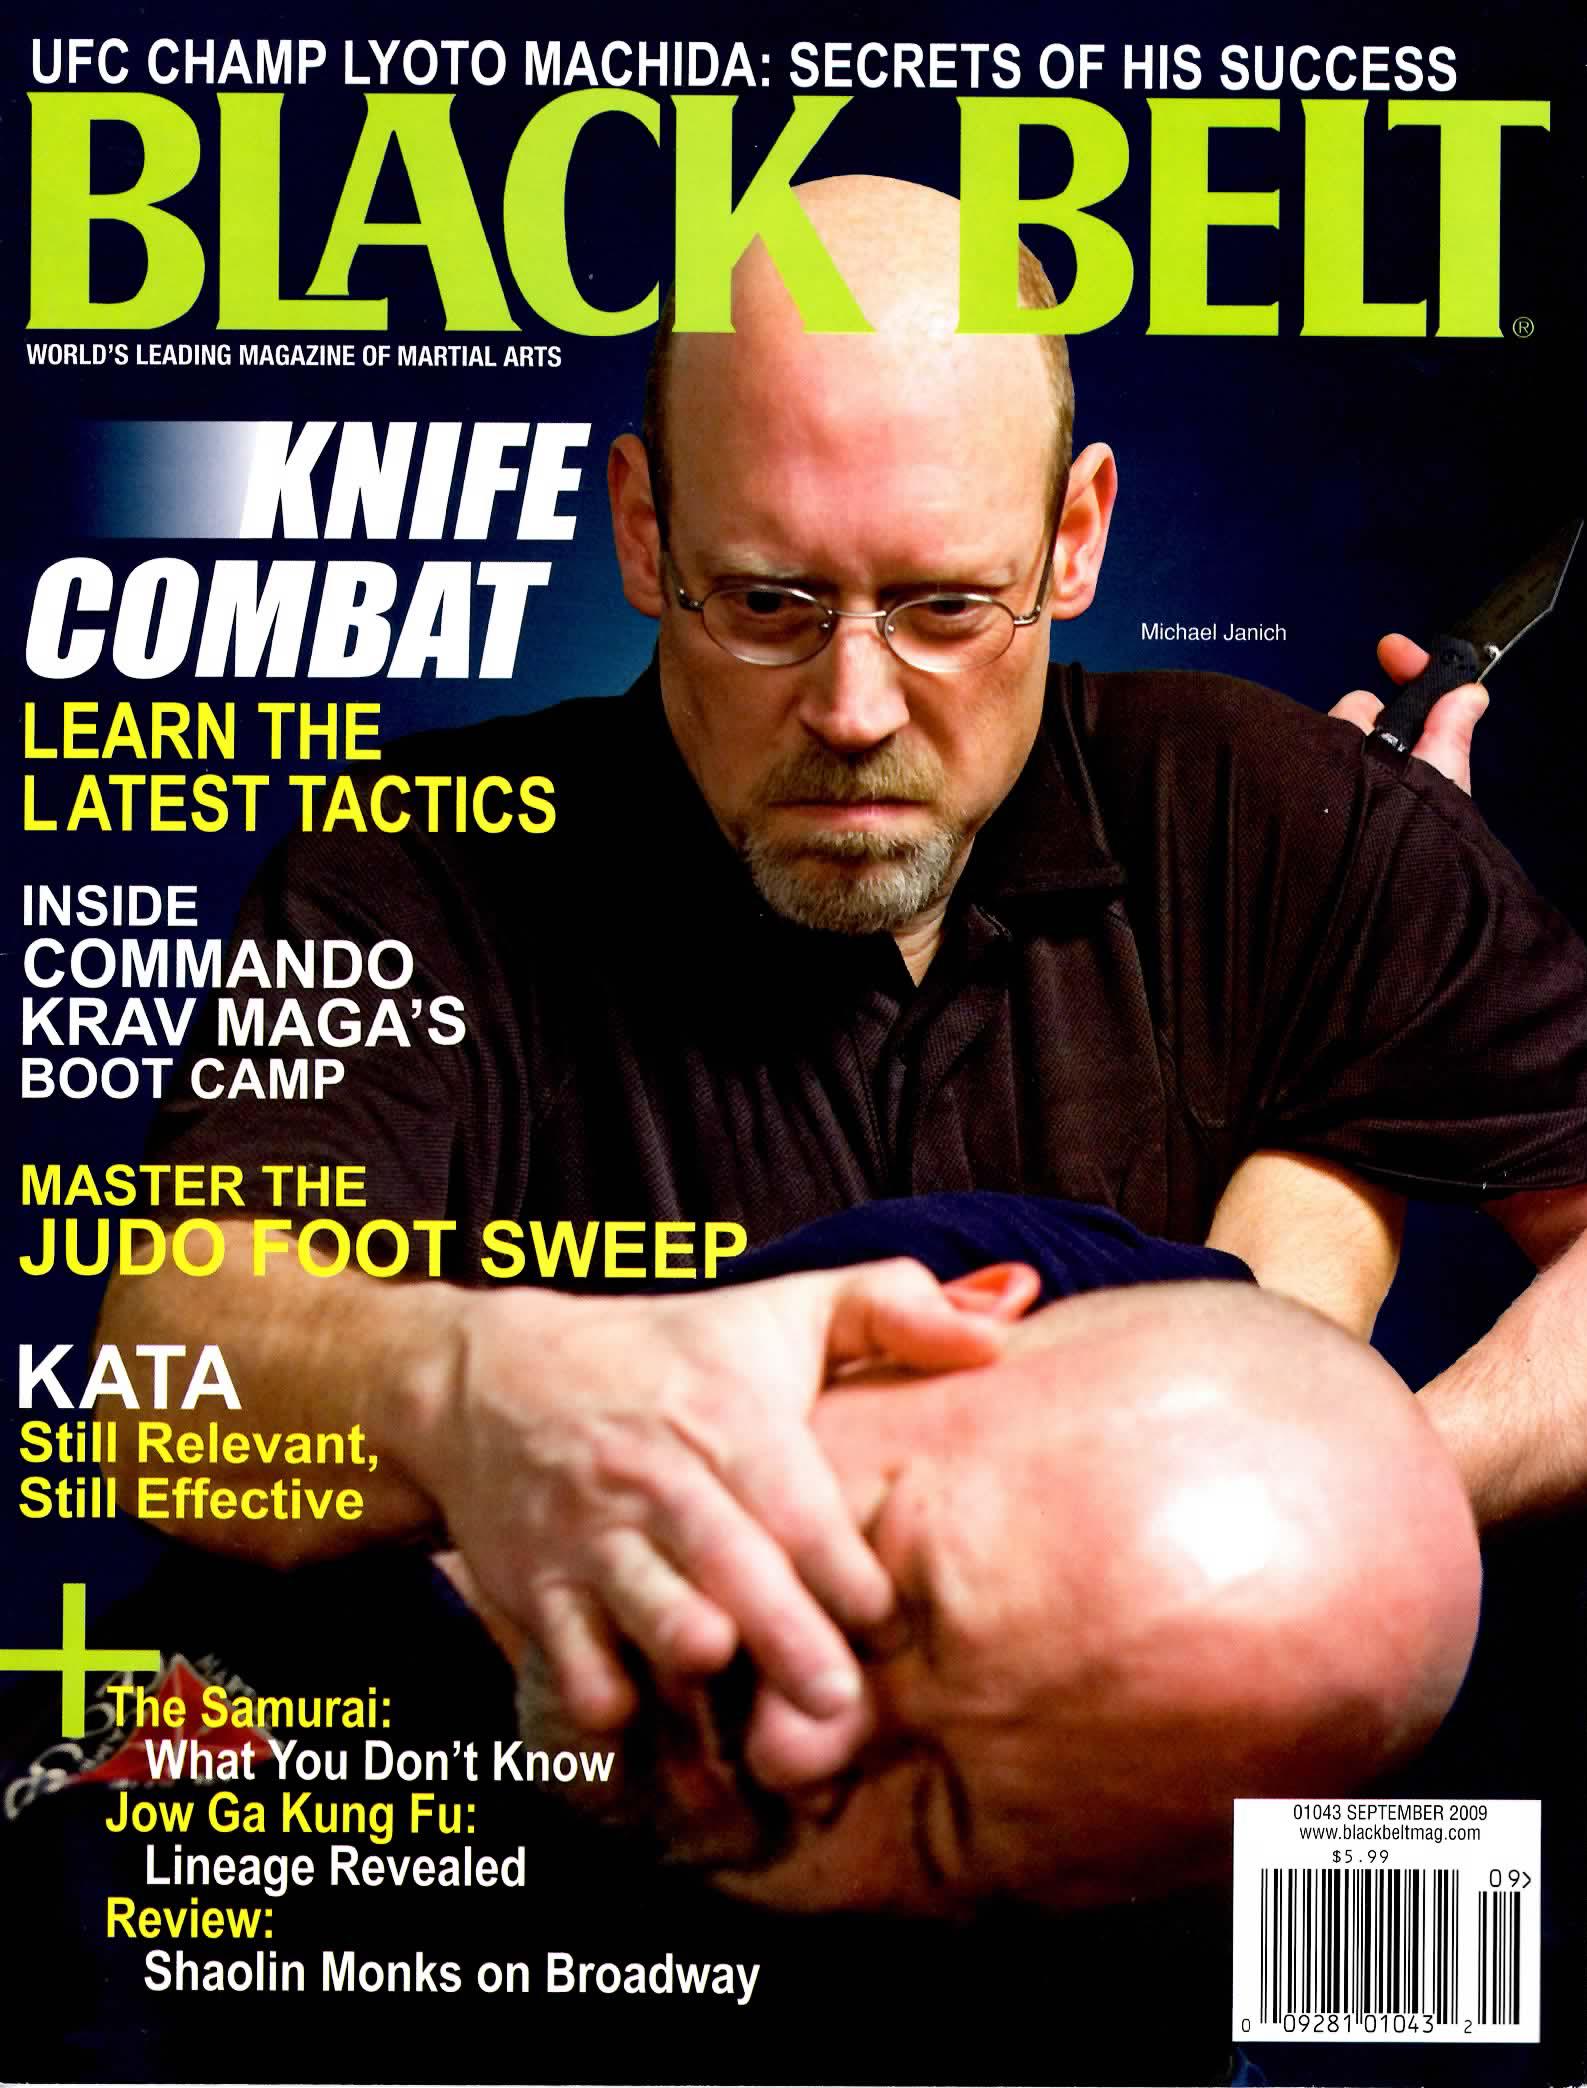 Black Belt Cover.jpg